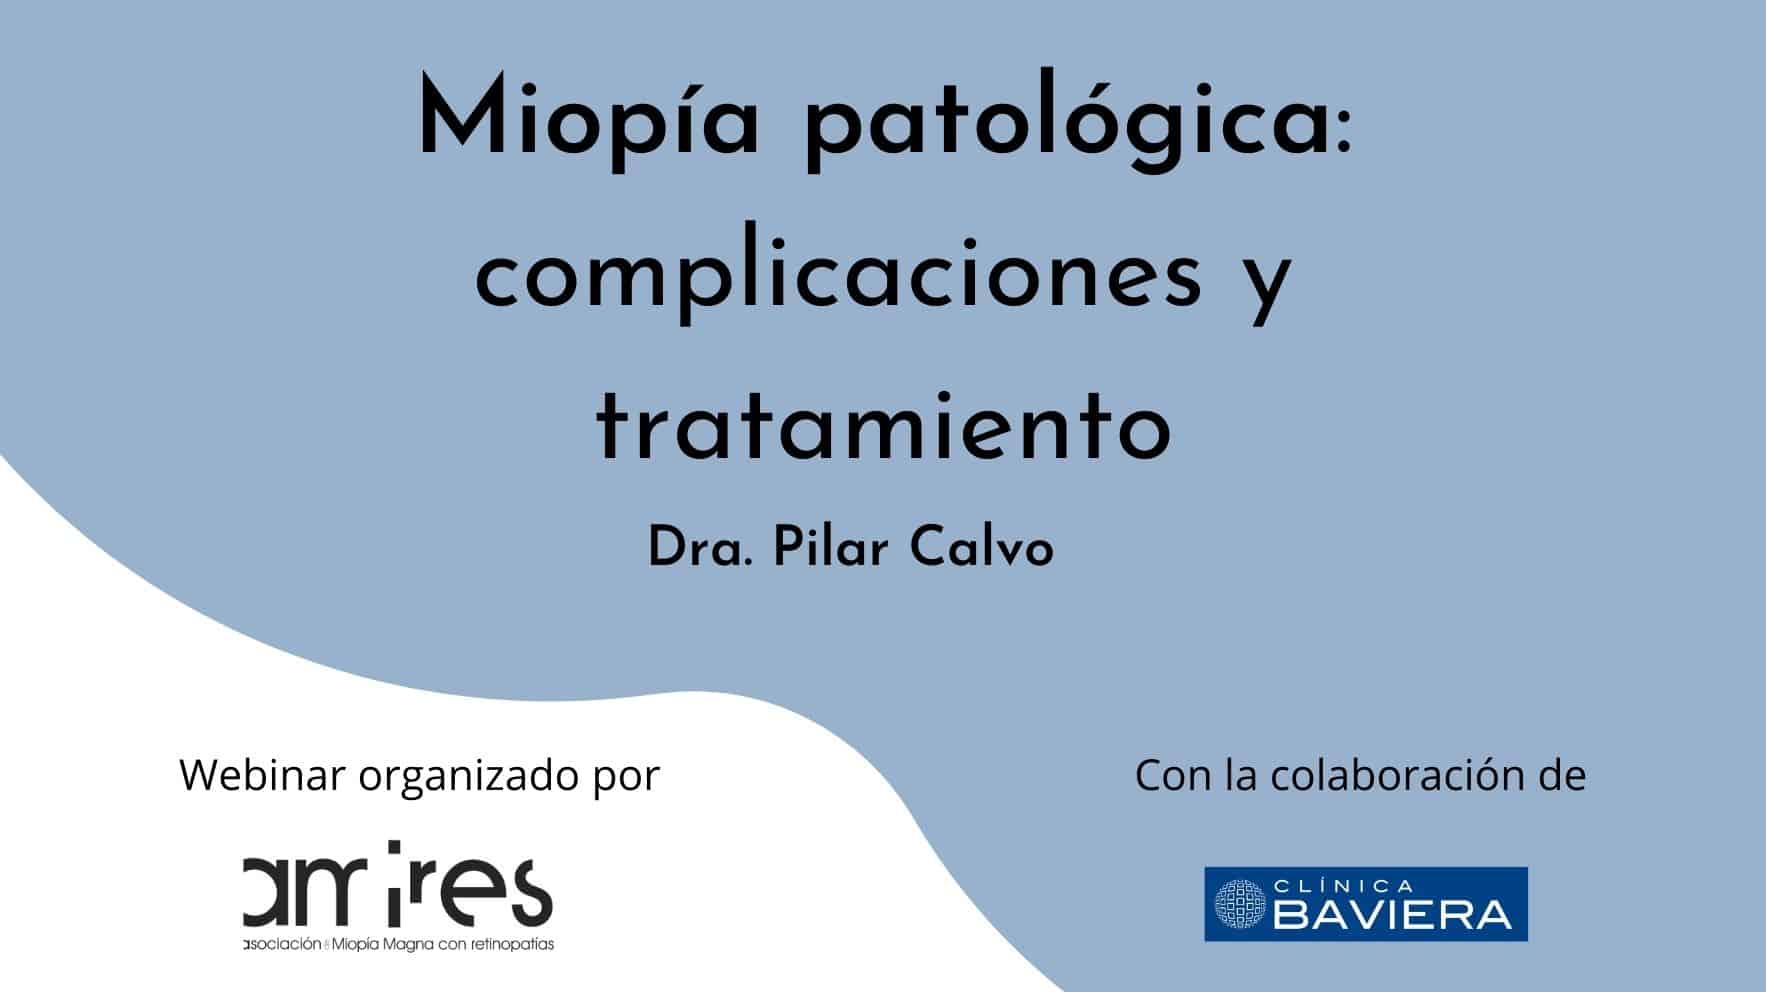 miopia patologica